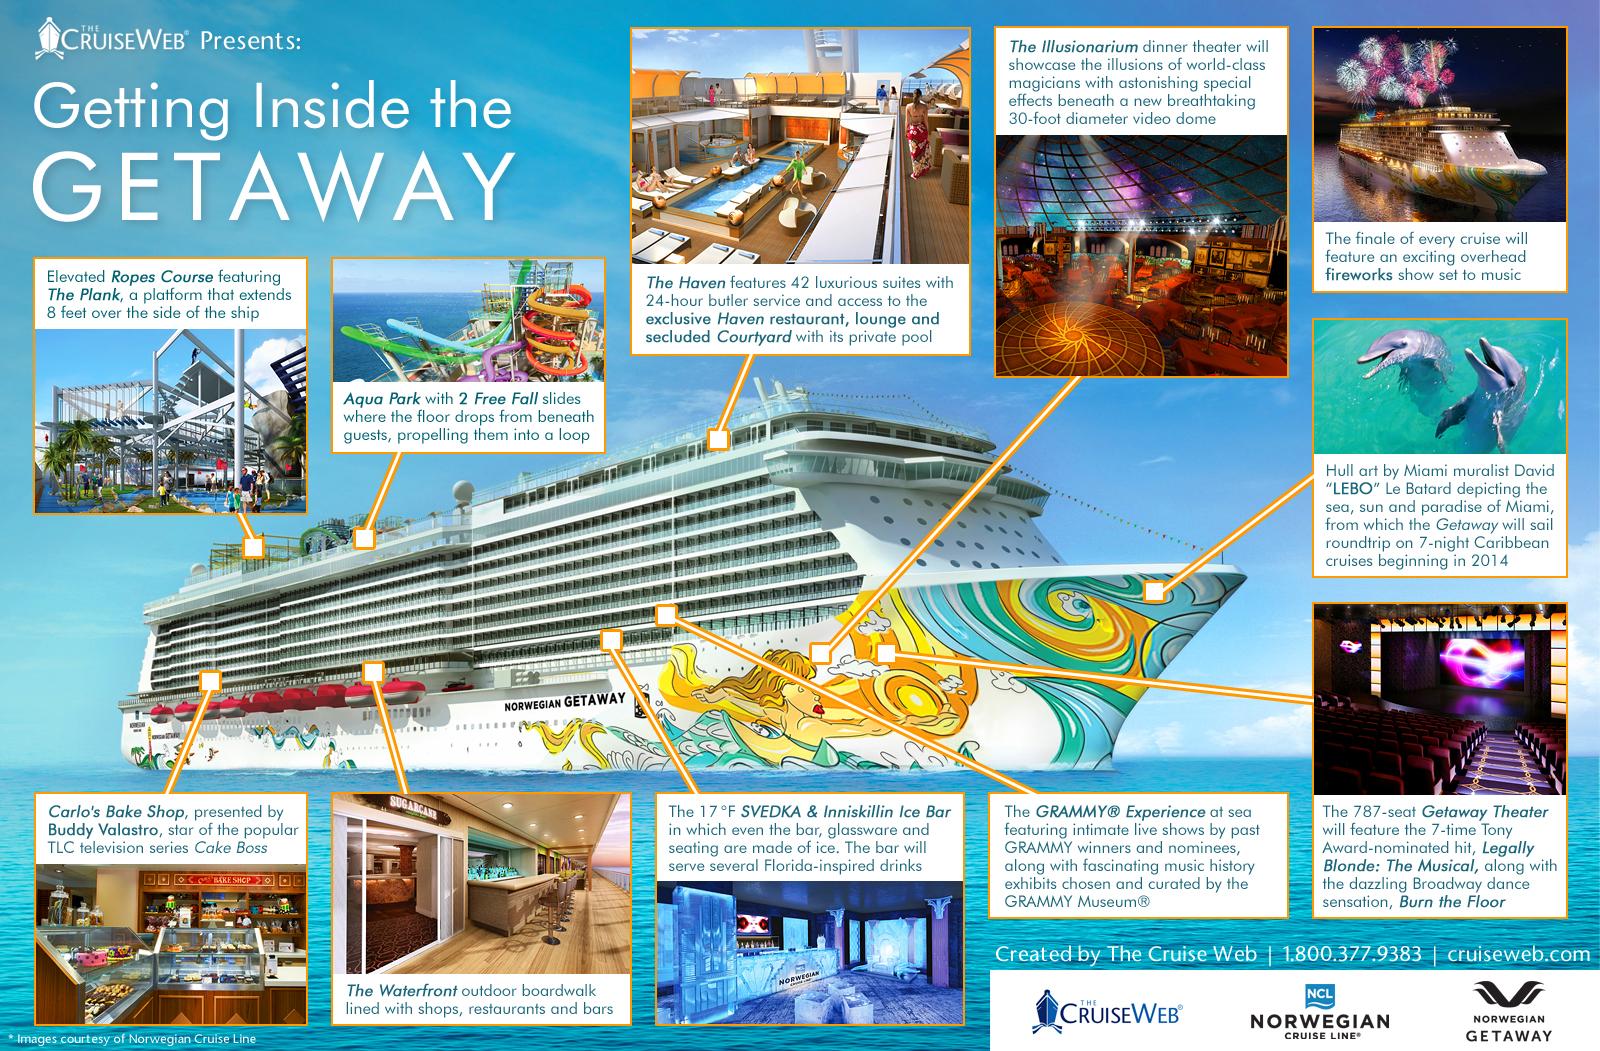 Norwegian Getaway Cruise Ship Graphic The Bahamas Investor